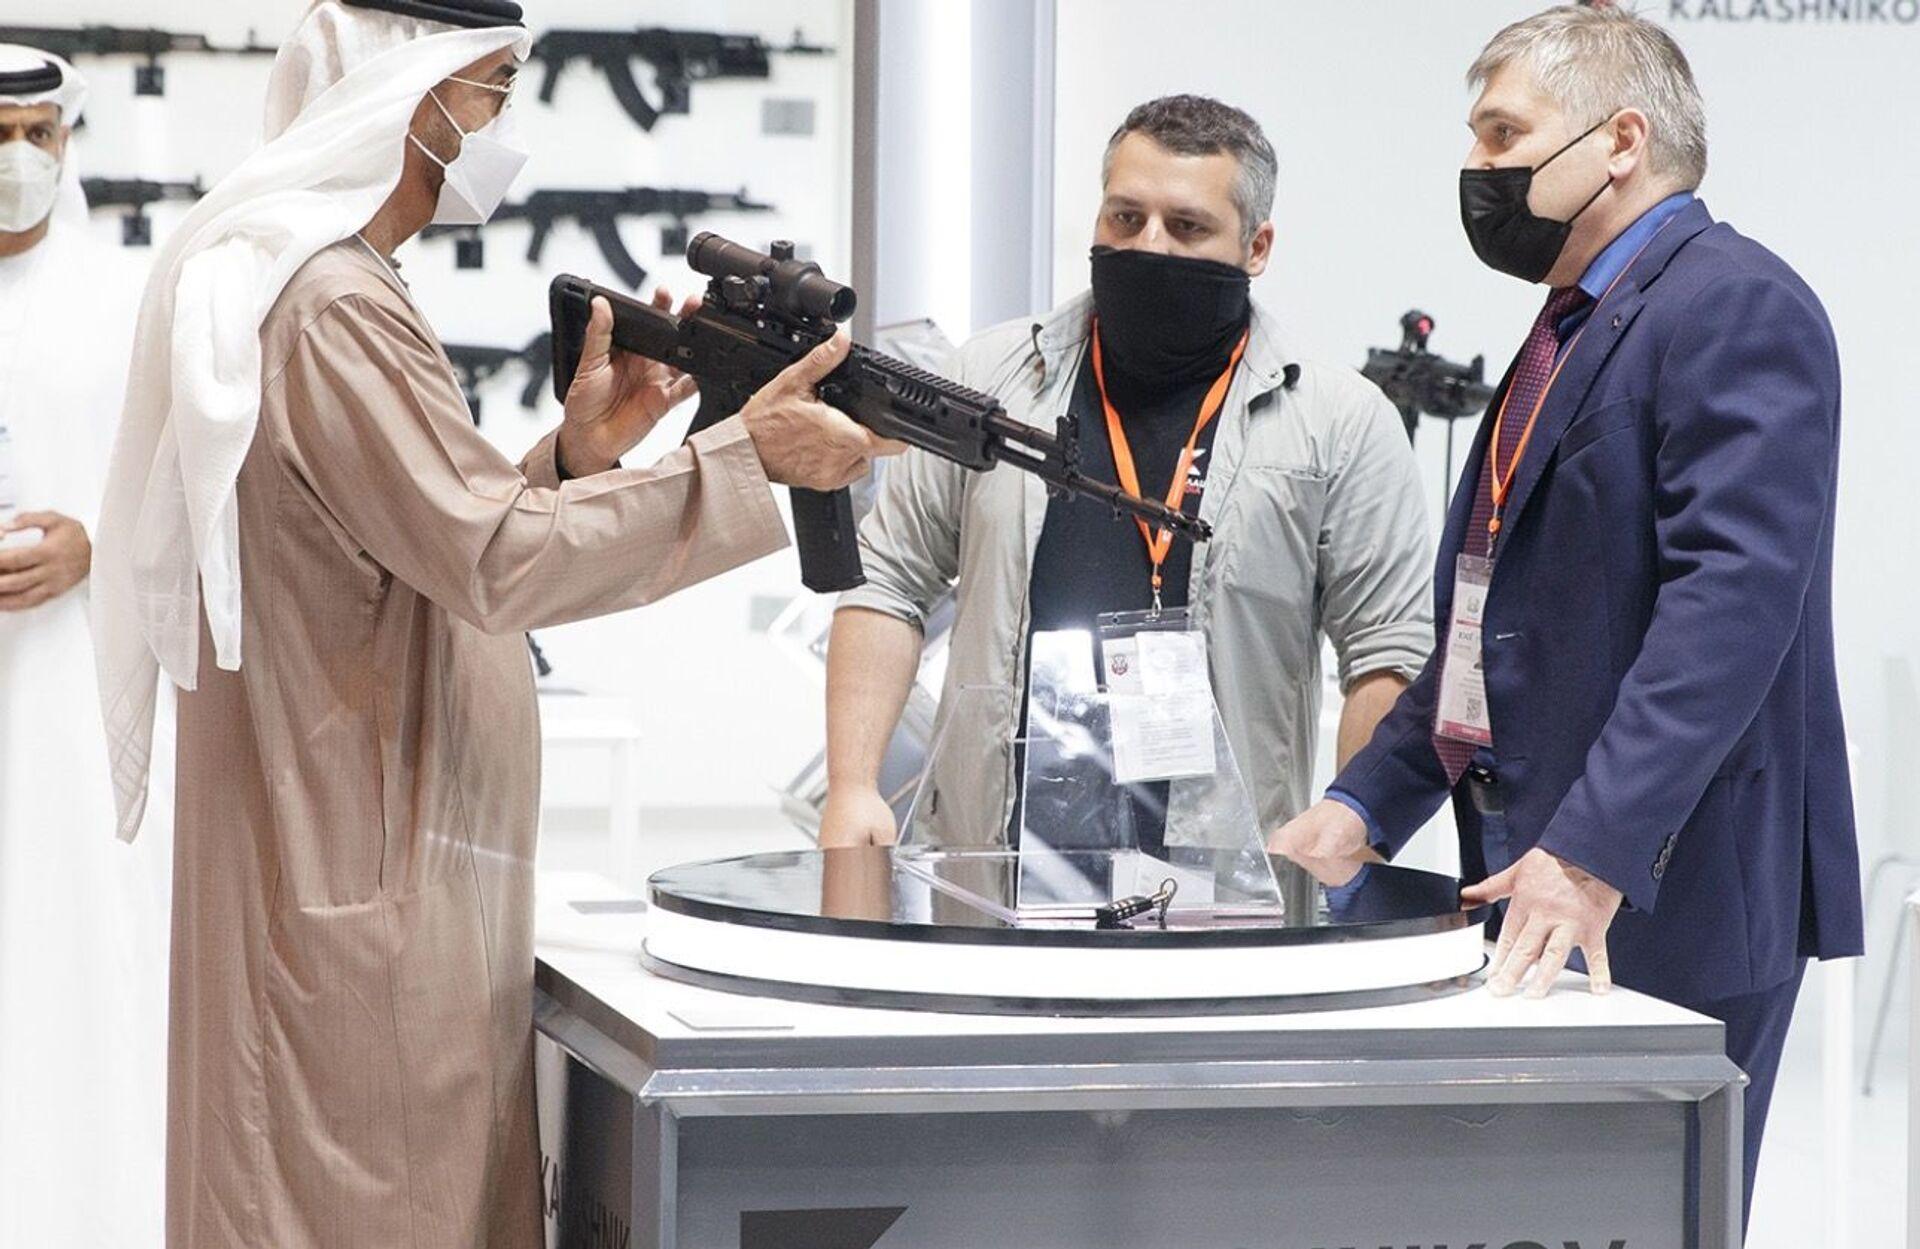 Korunní princ Abú Dhabí šejk Muhammad bin Zayed al-Nahyan zkoumá útočnou pušku AK-19 - Sputnik Česká republika, 1920, 20.04.2021